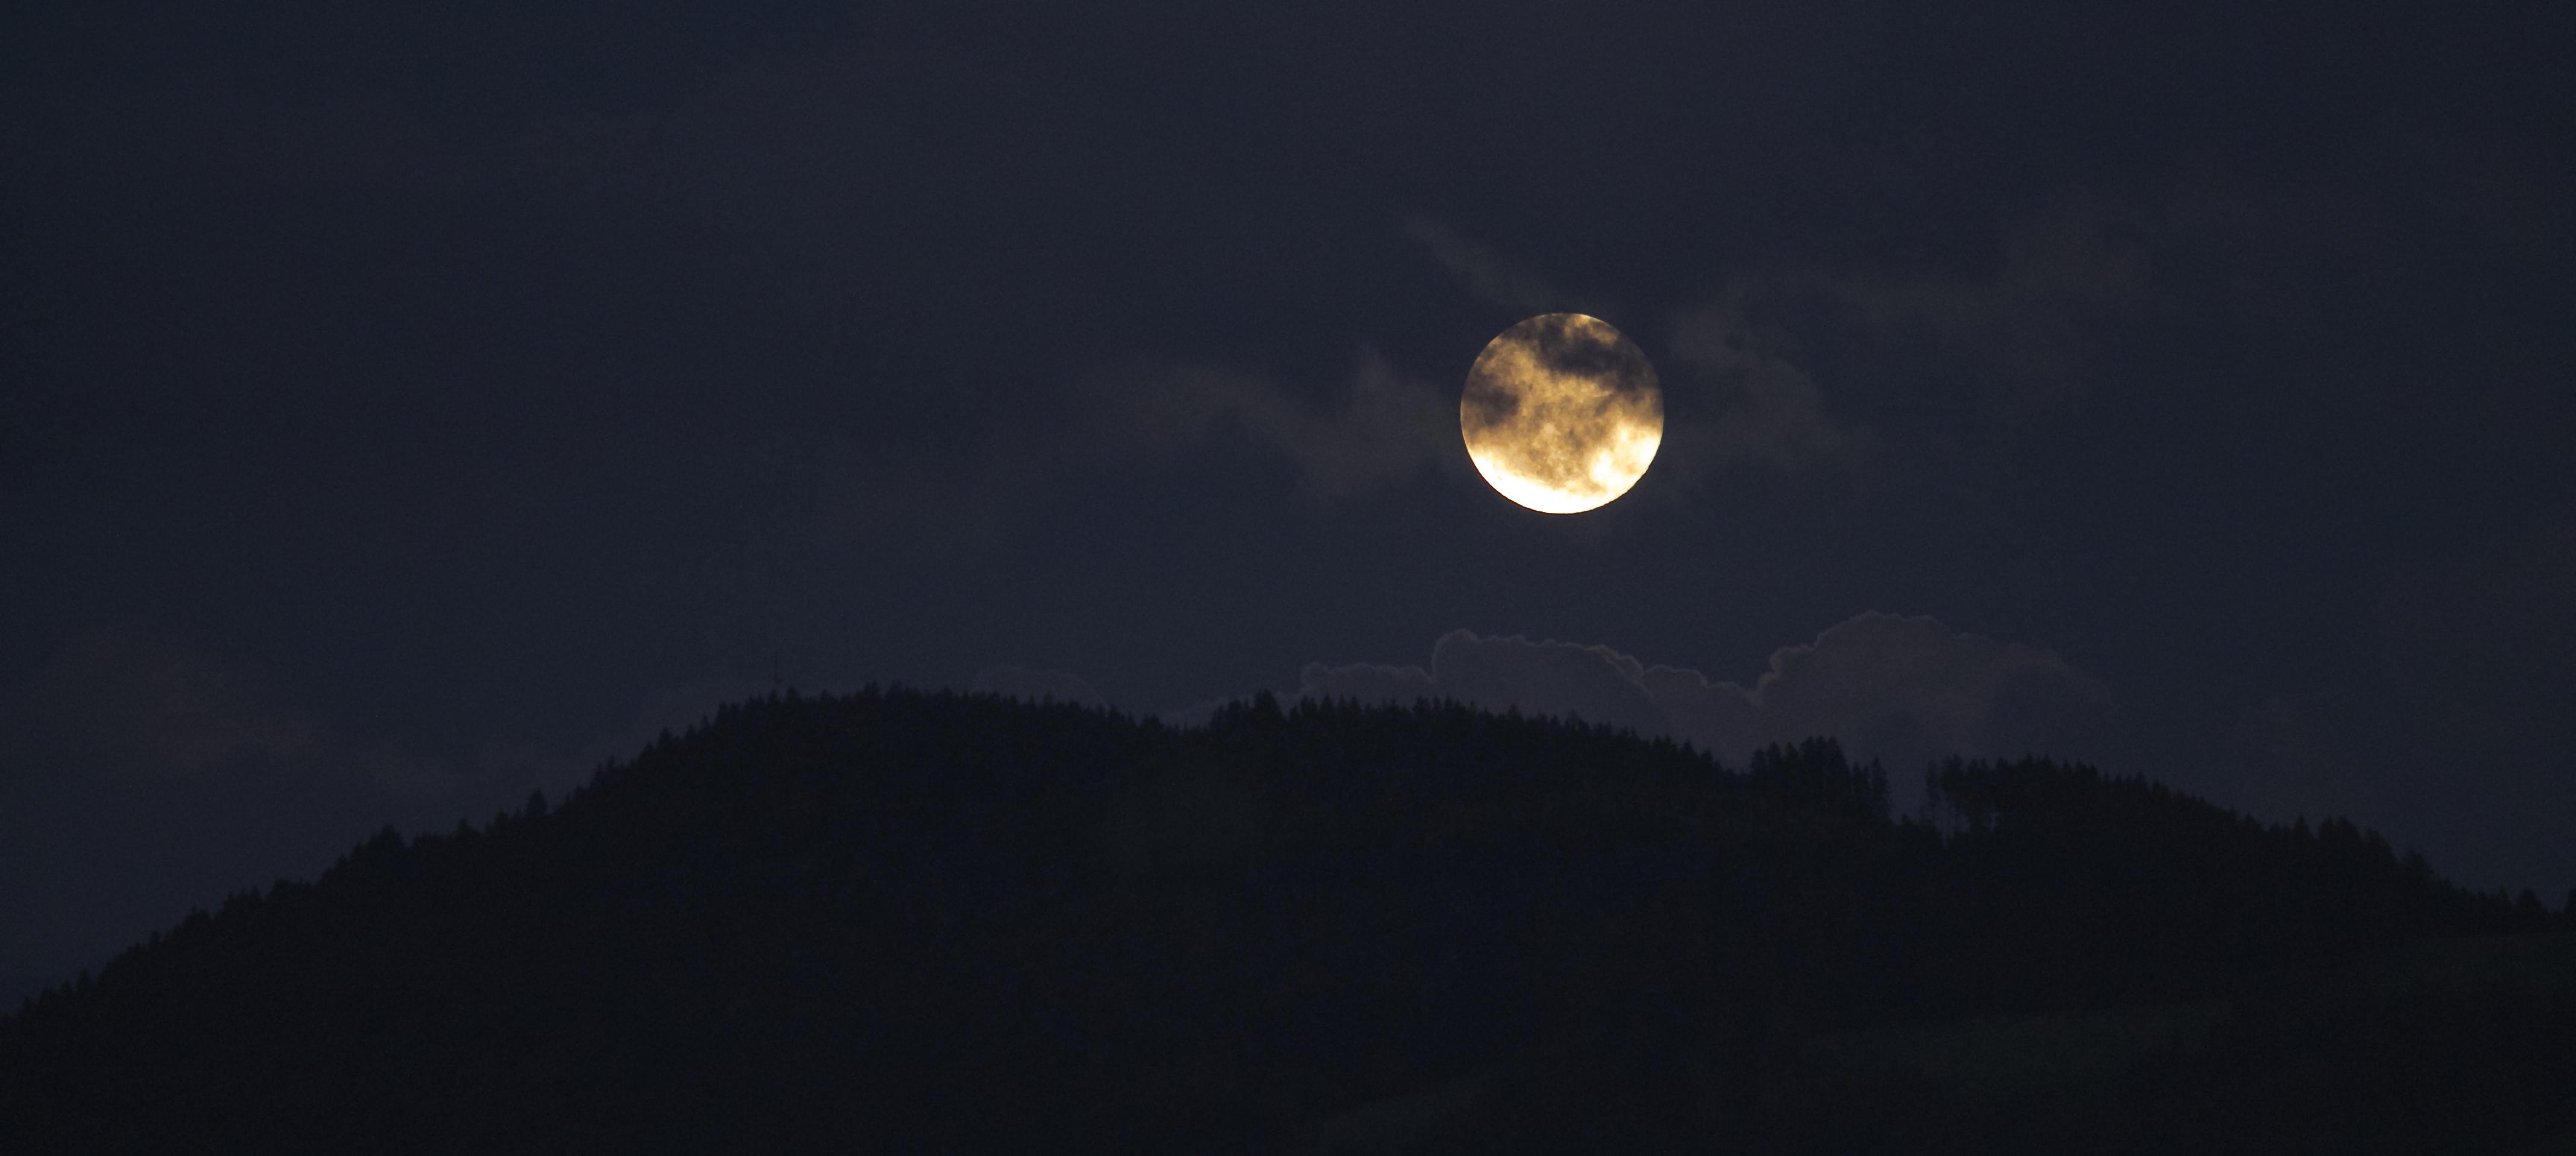 Free stock photo of sky, night, moon, spooky